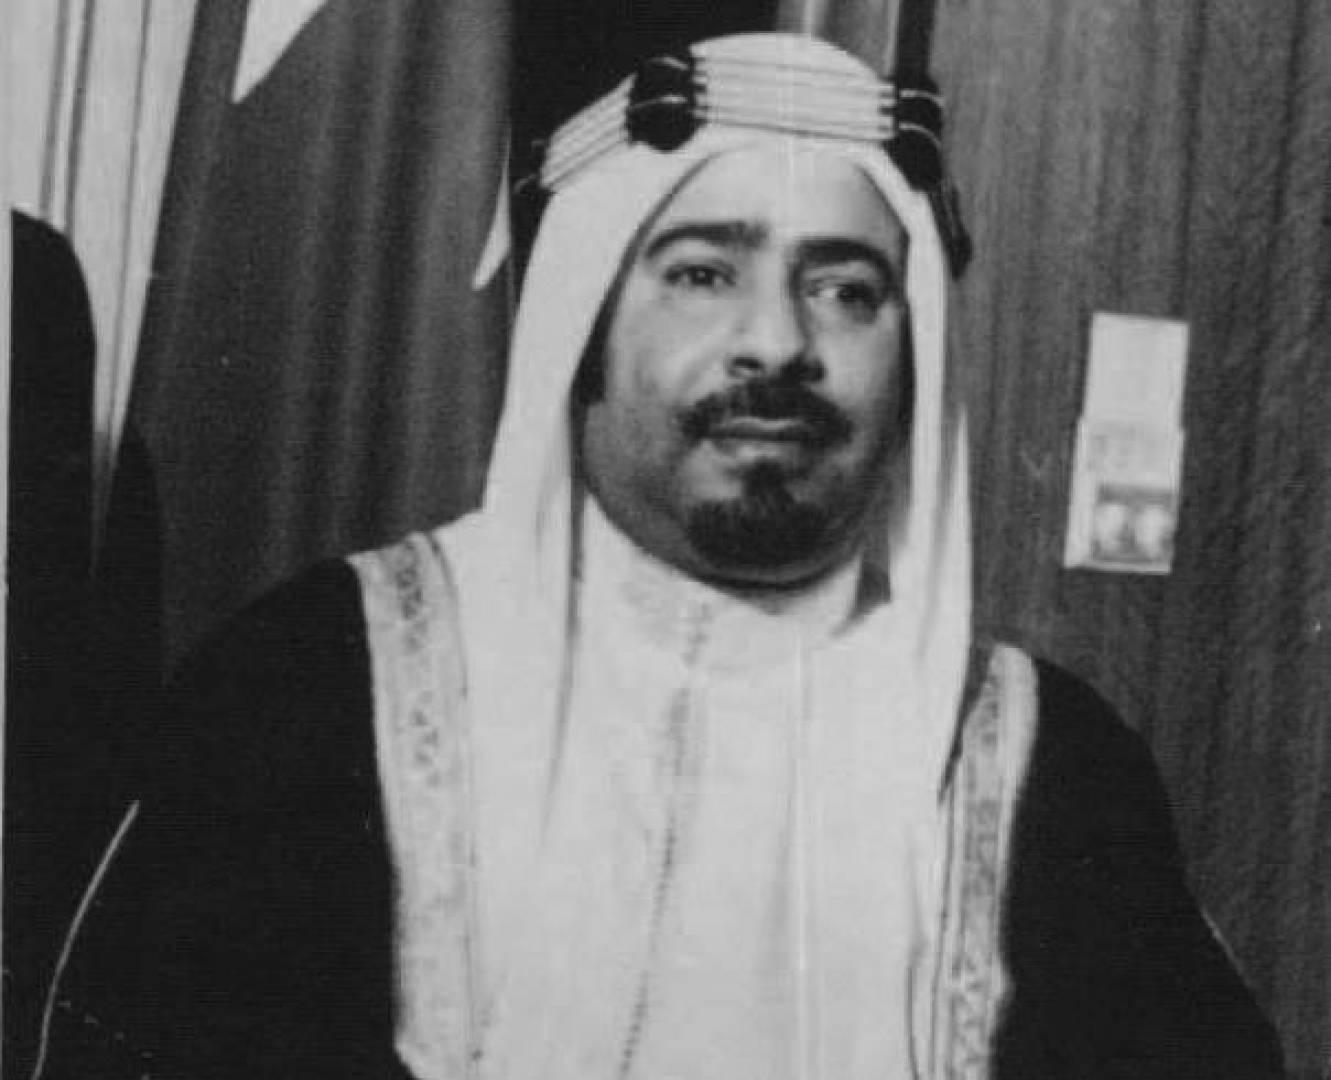 الشيخ عيسى بن سلمان آل خليفة.. أرشيفية